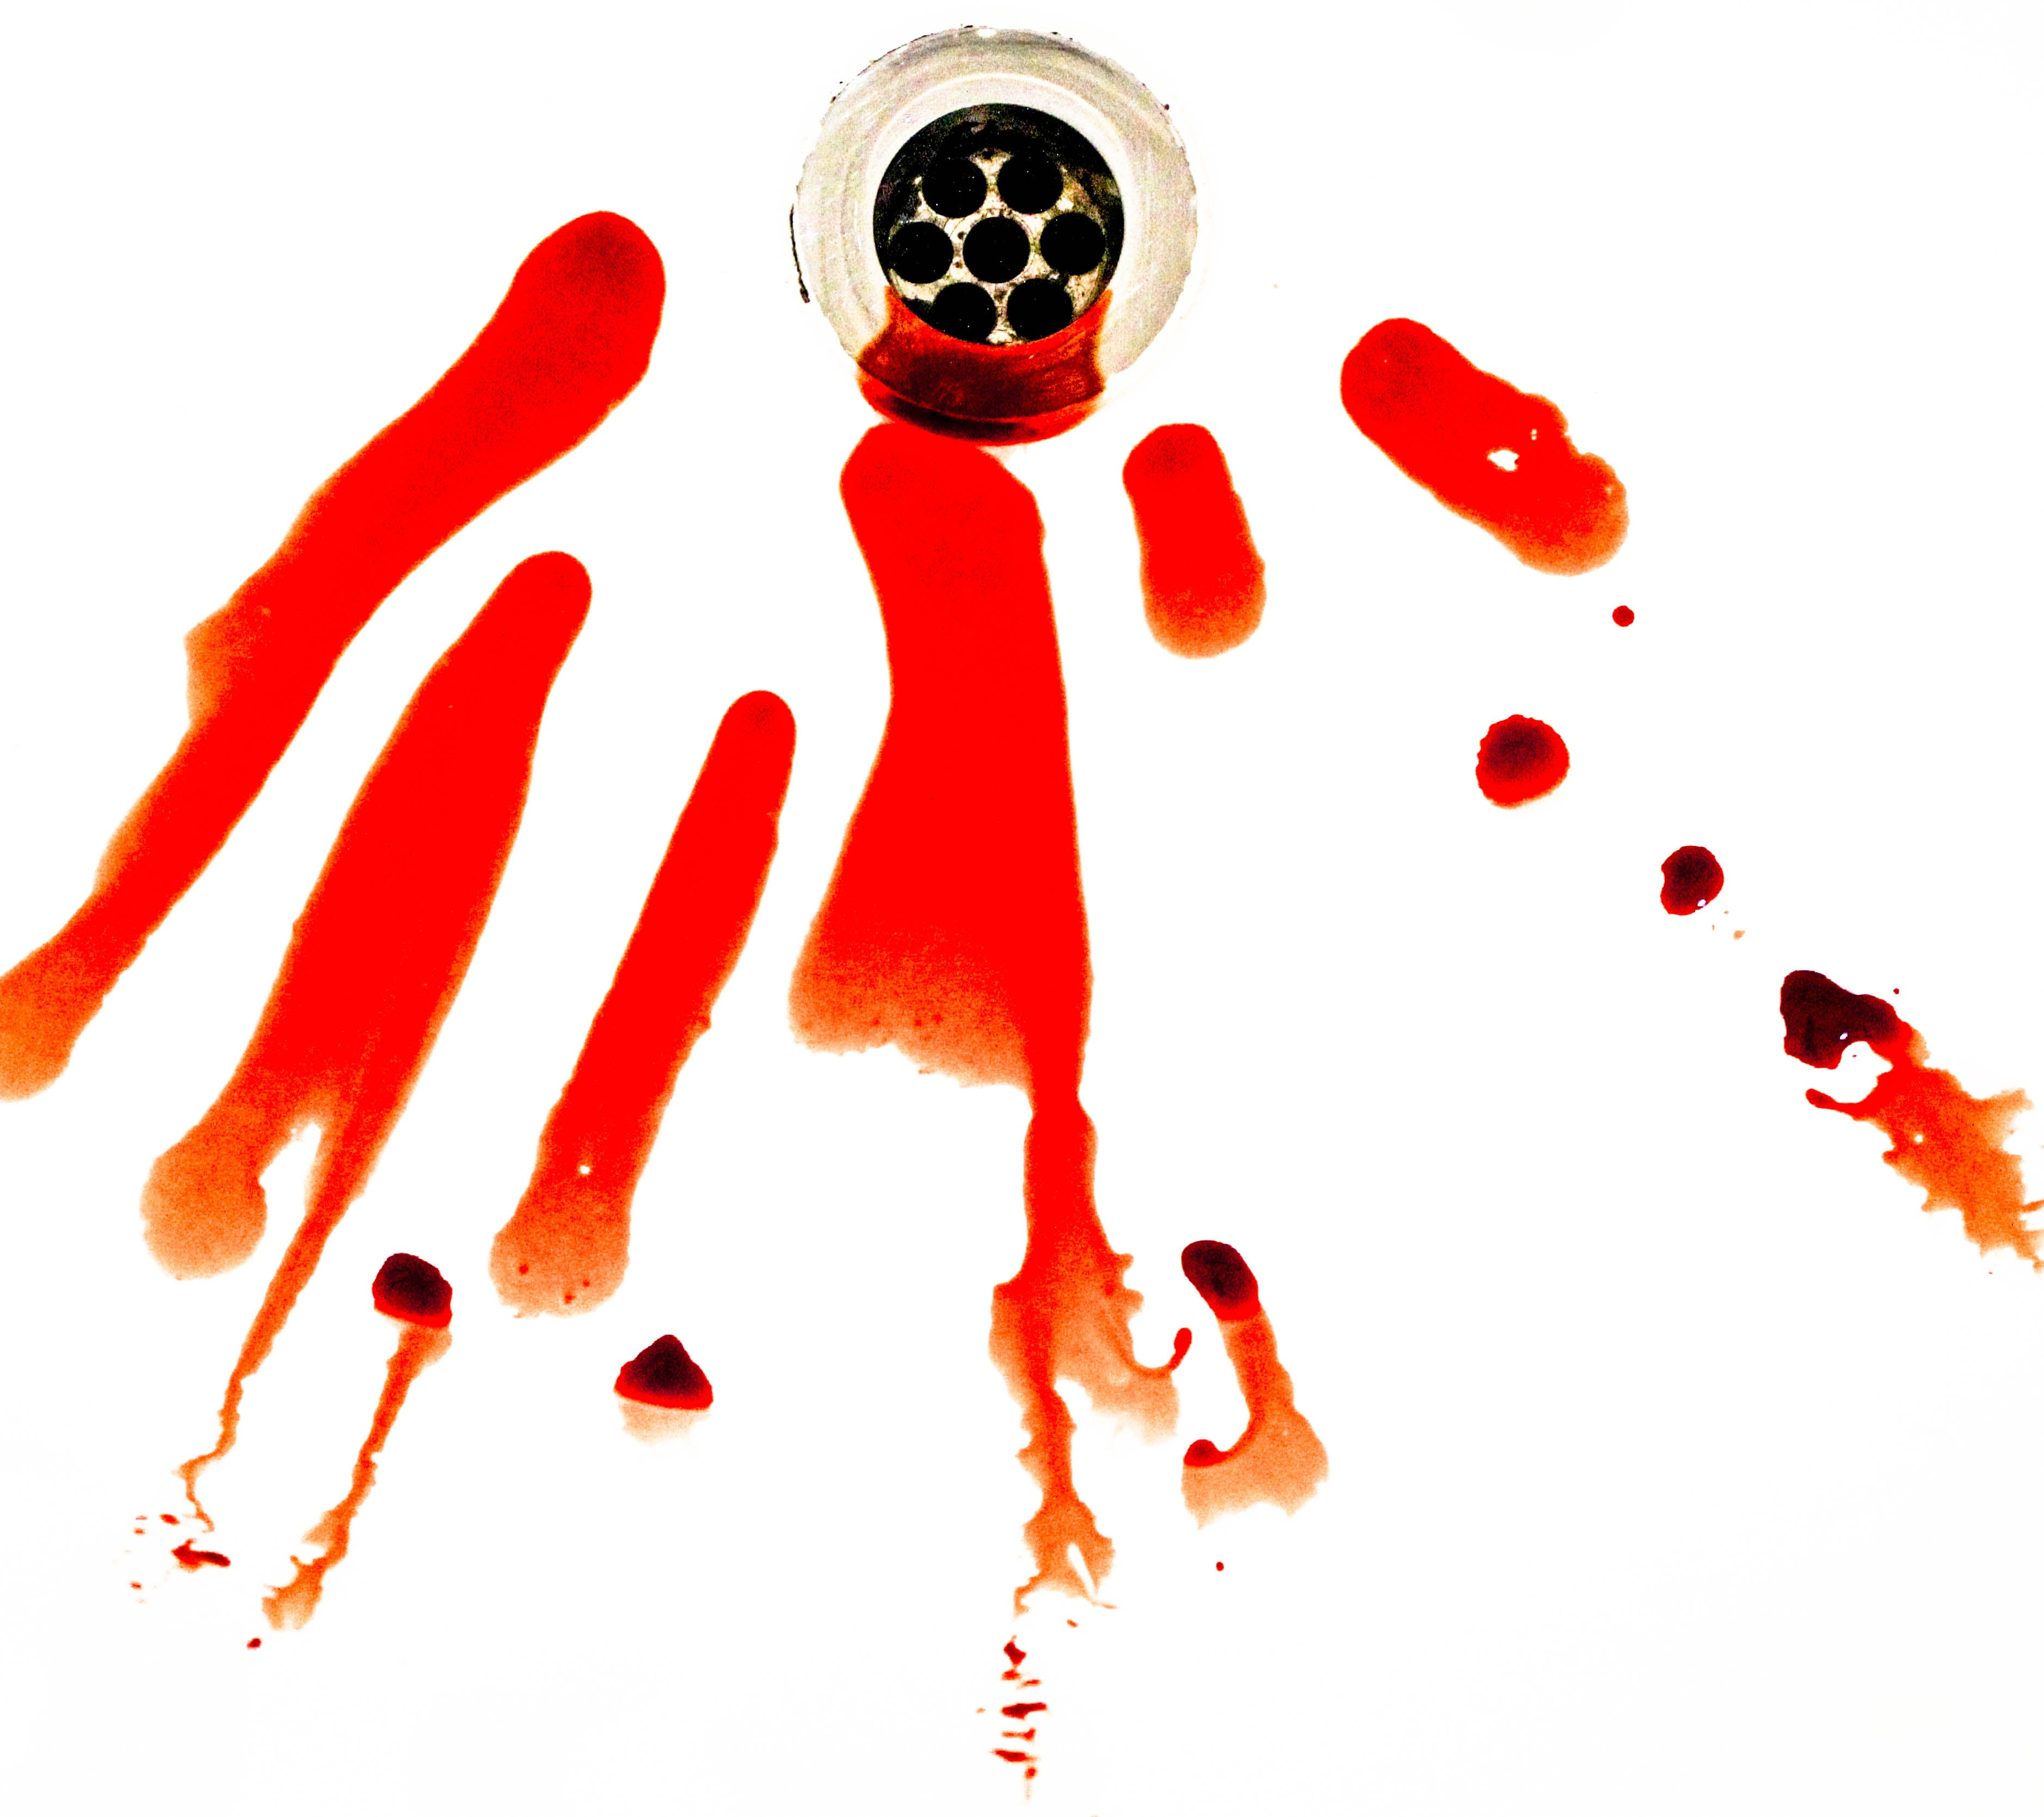 Gratis stockfoto met blessure, bloed, bloeden, draineren